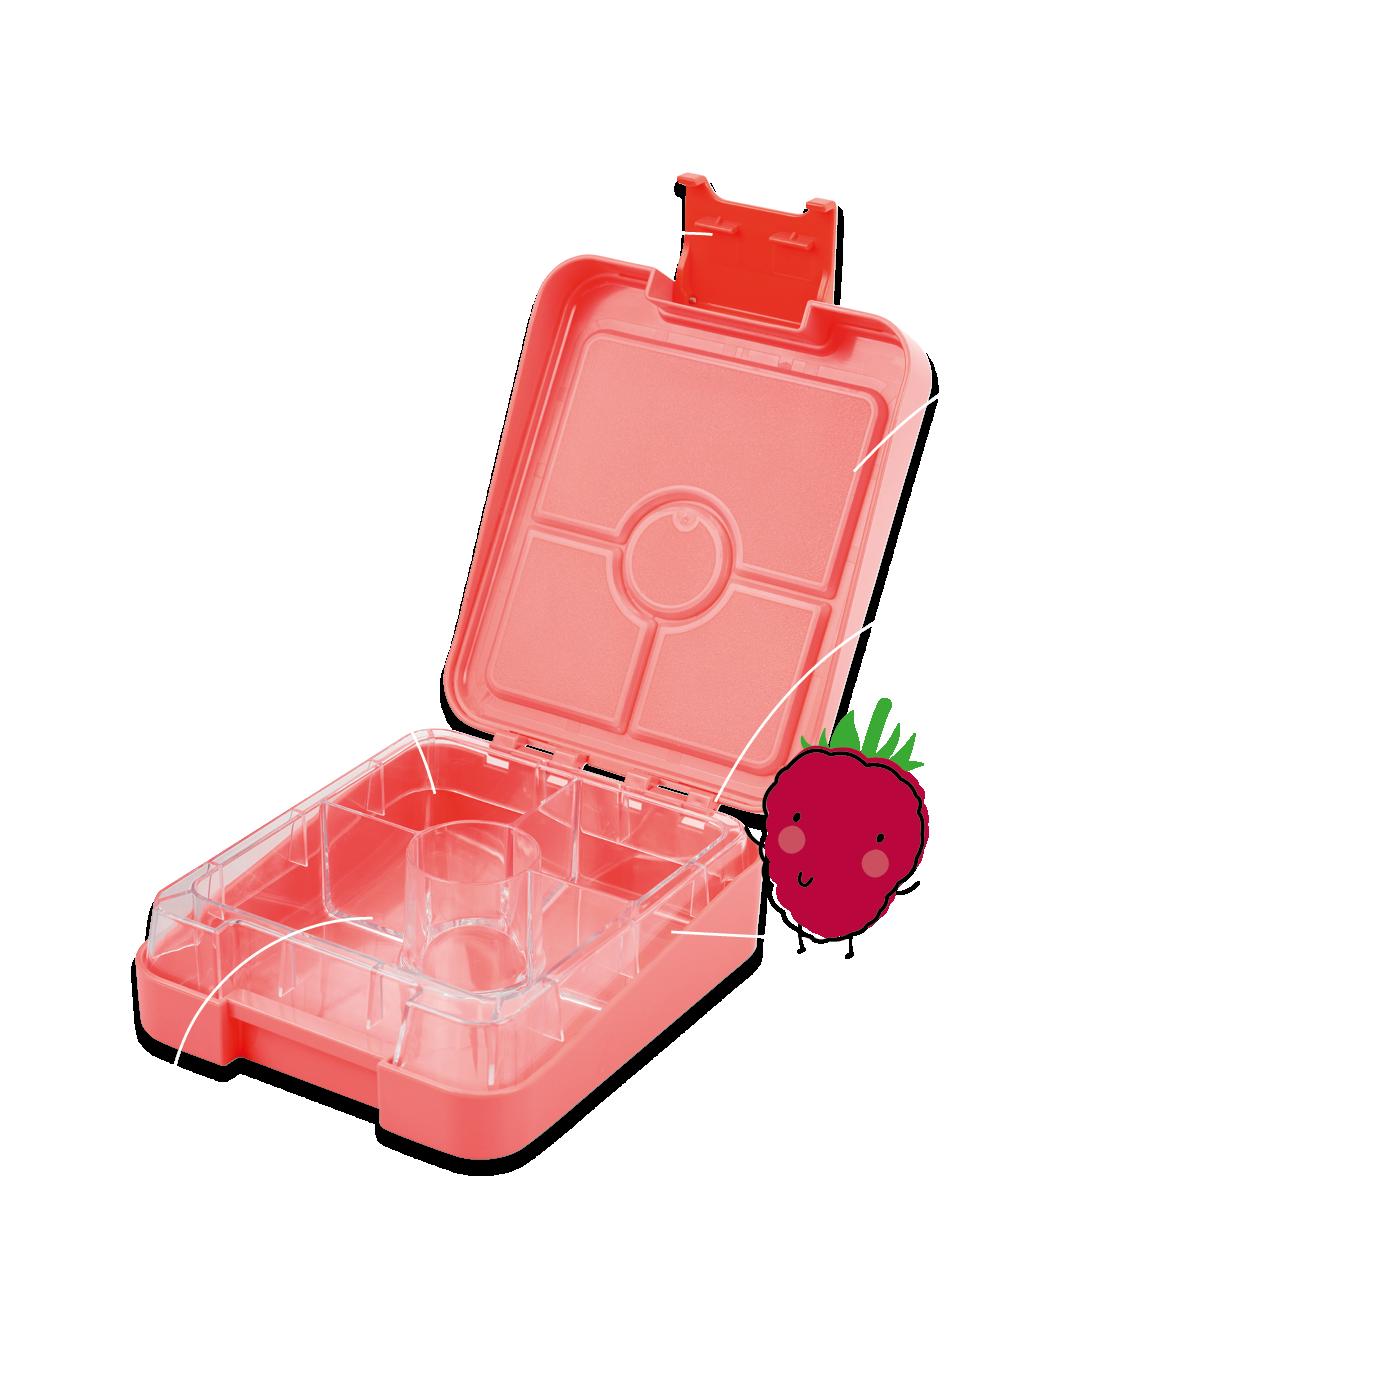 Vesperbox Beschreibung